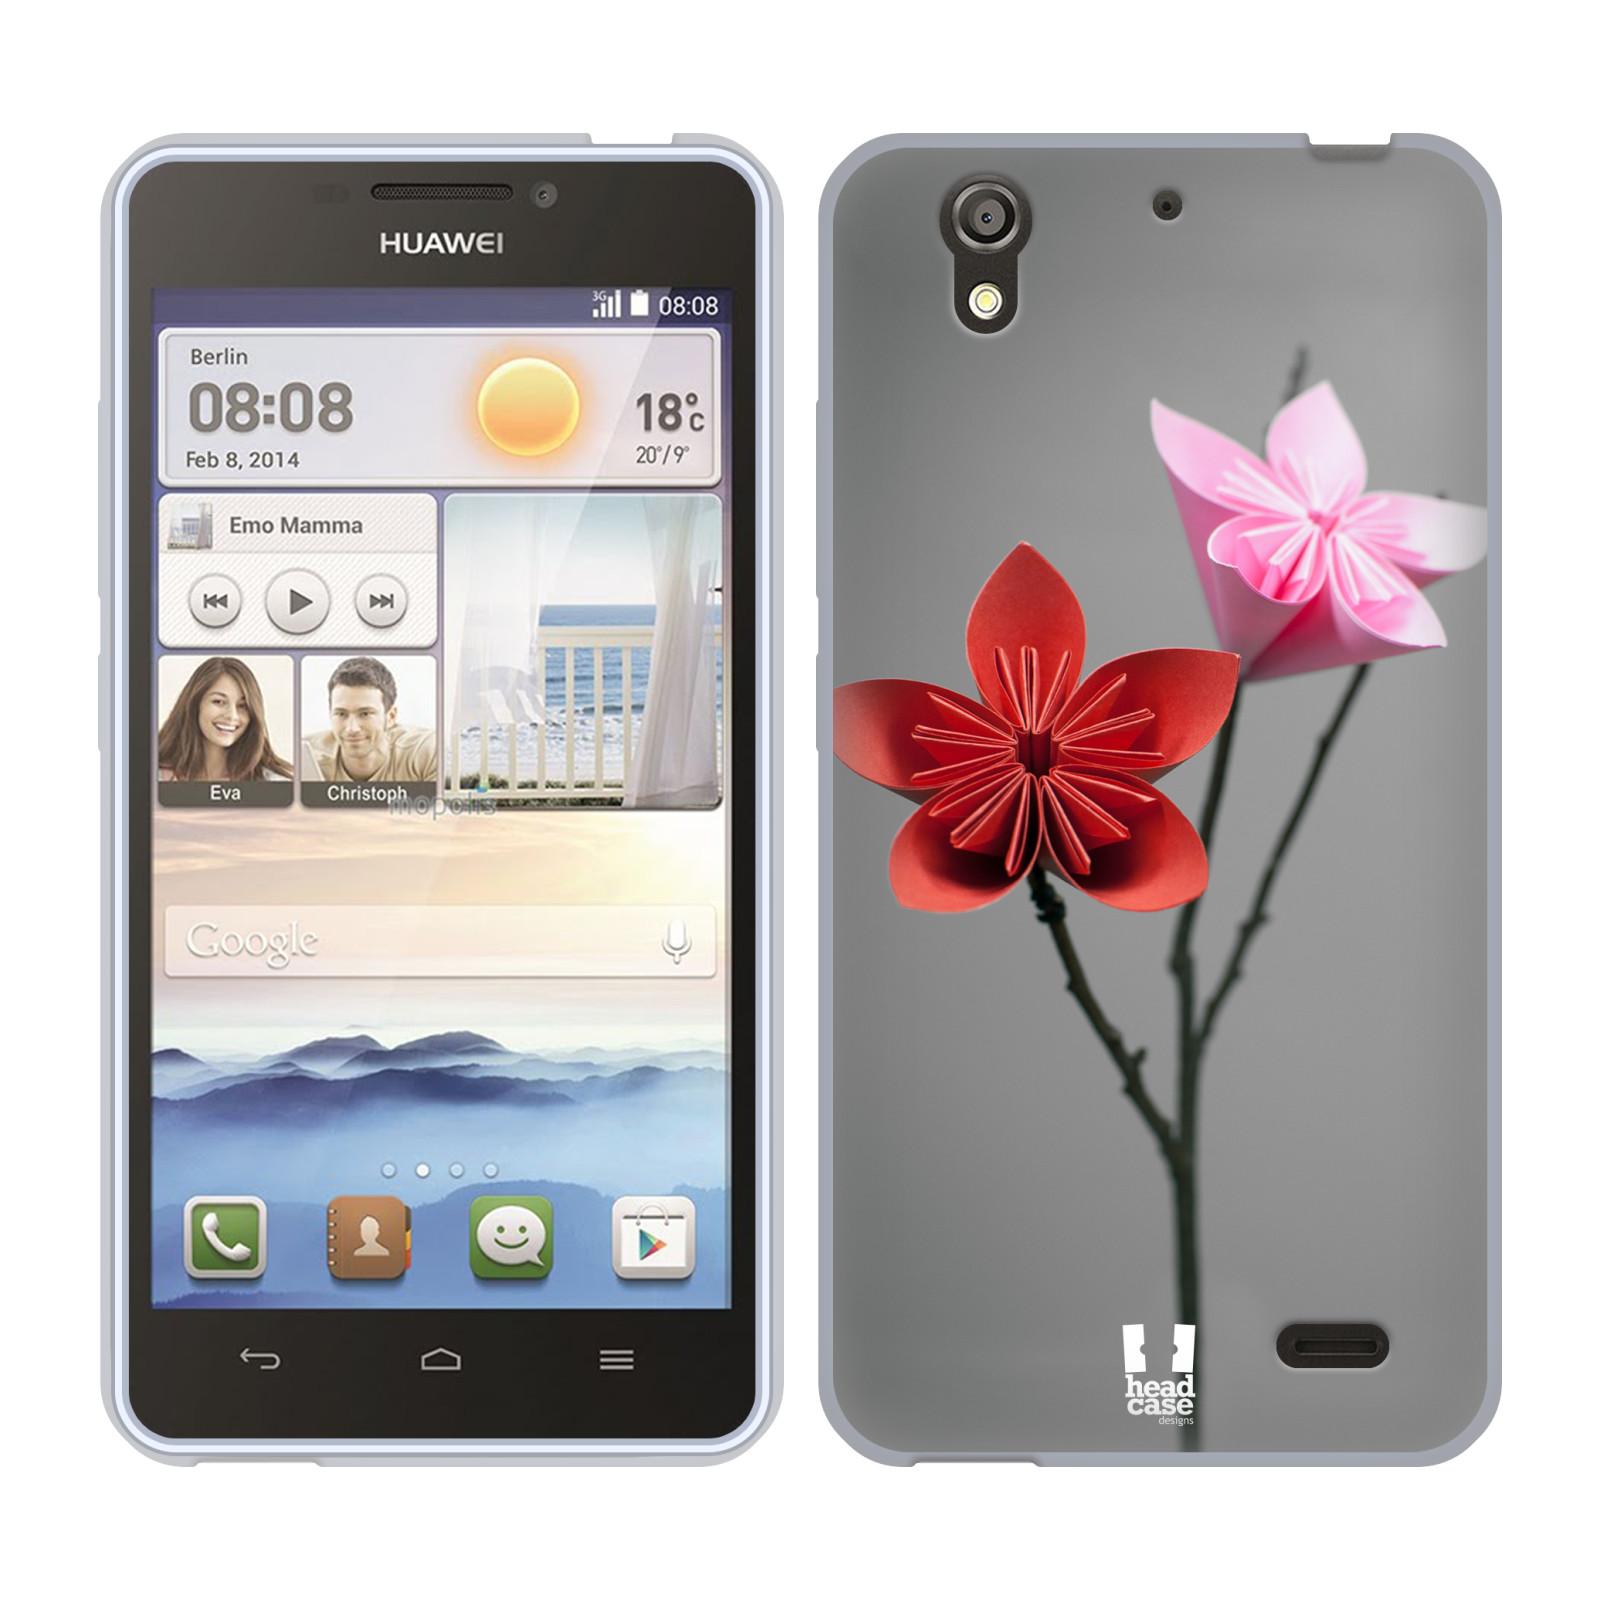 Silikonové pouzdro na mobil Huawei Ascend Y530 HEAD CASE KUSUDAMA (Silikonový kryt či obal na mobilní telefon Huawei Ascend Y530)